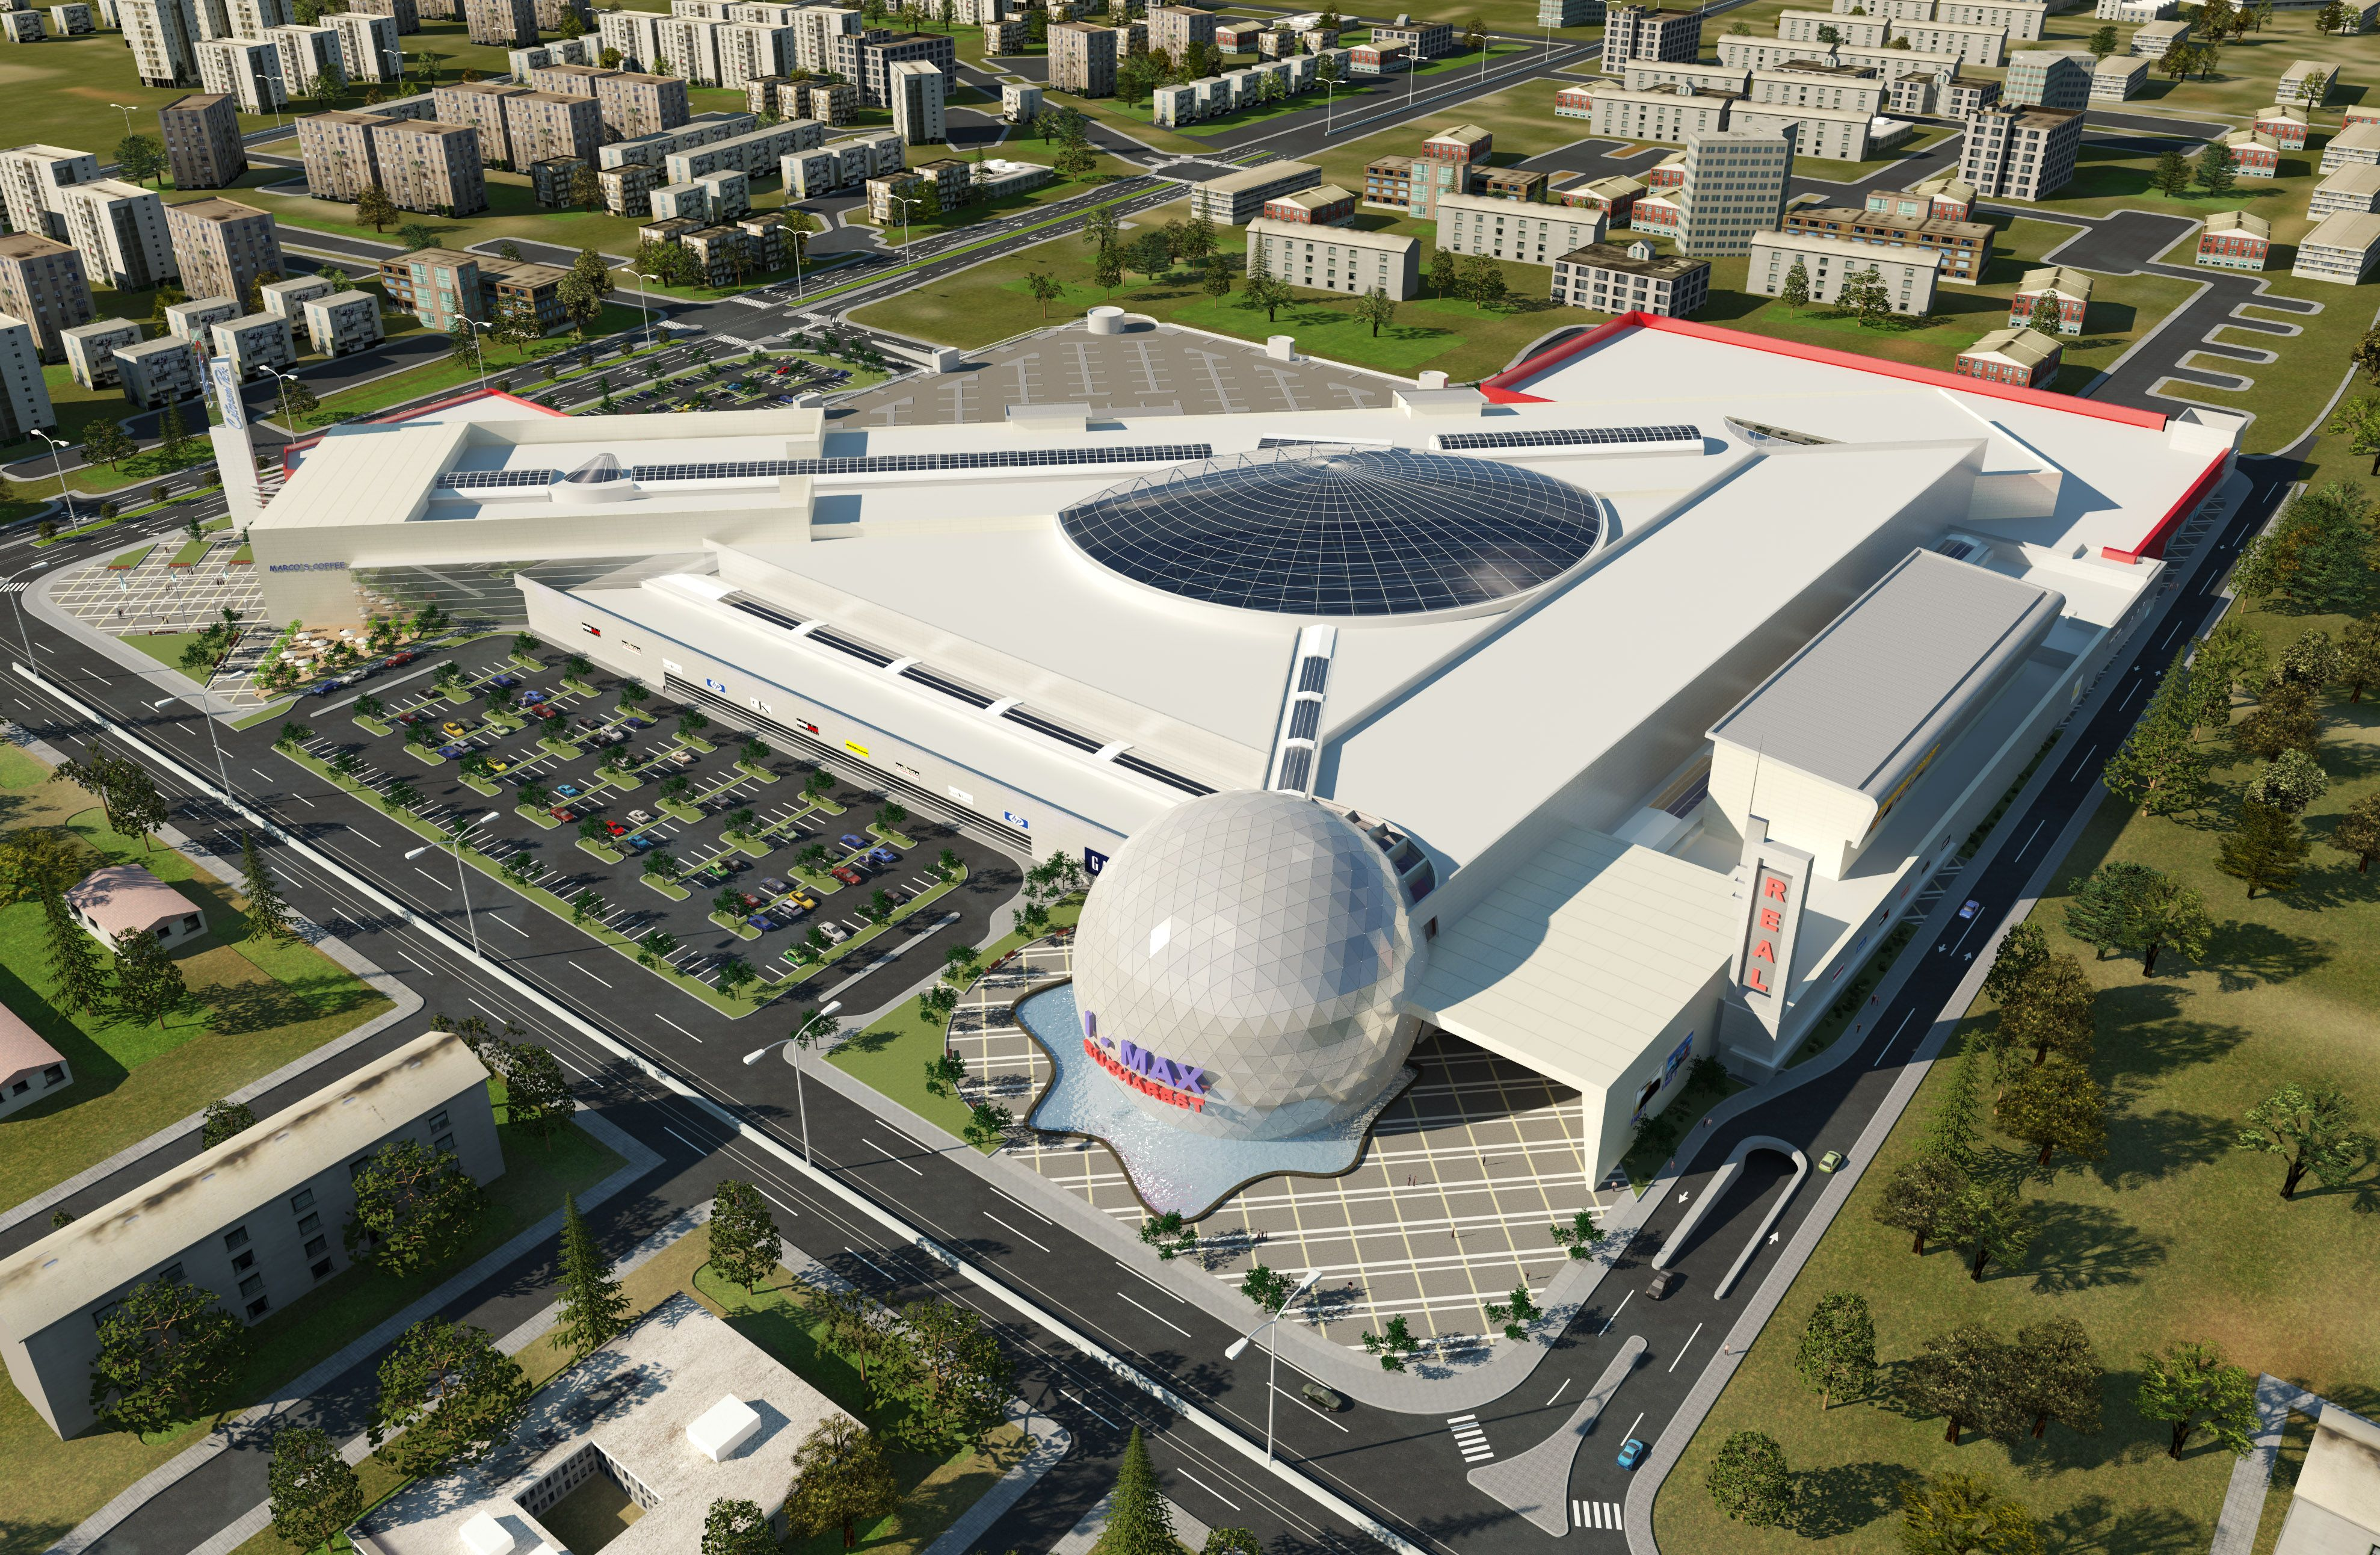 5 noi mall-uri in Bucuresti - unde vor fi amplasate